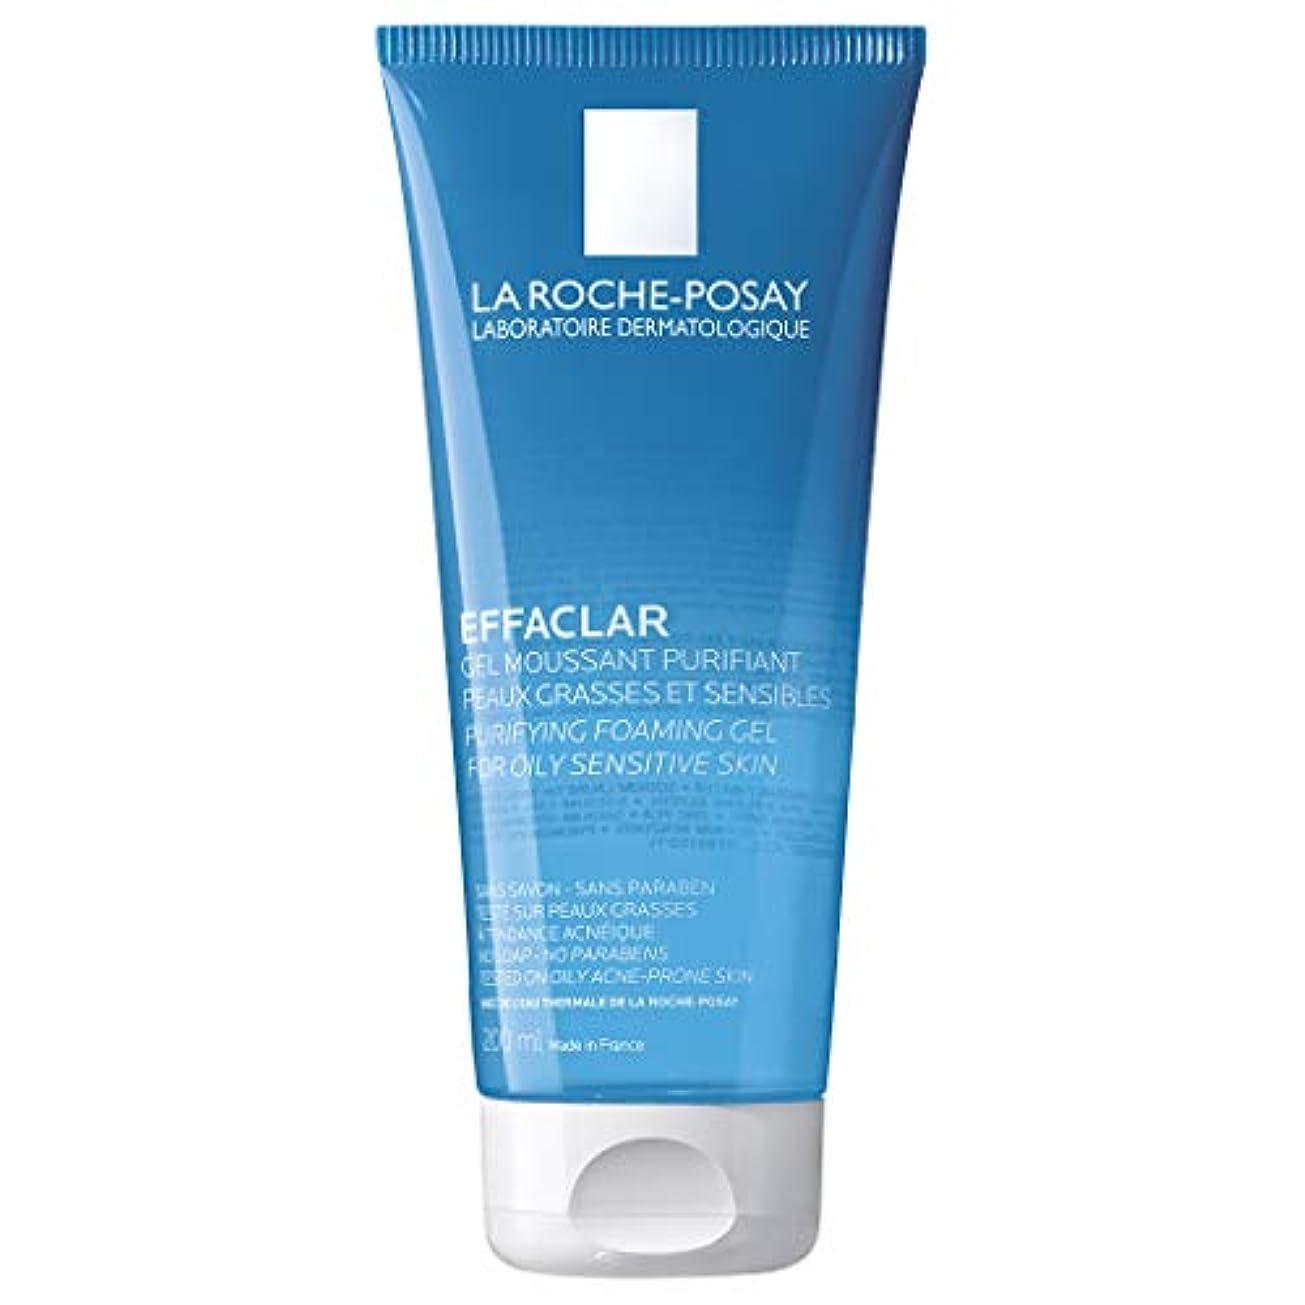 ボートルーム欠乏[ラロシュ布製] エファクラ 脂性肌のためのピュリファイングフォーミングジェルクレンザー 200ml / La Roche-Posay Effaclar Purifying Foaming Gel Cleanser for...